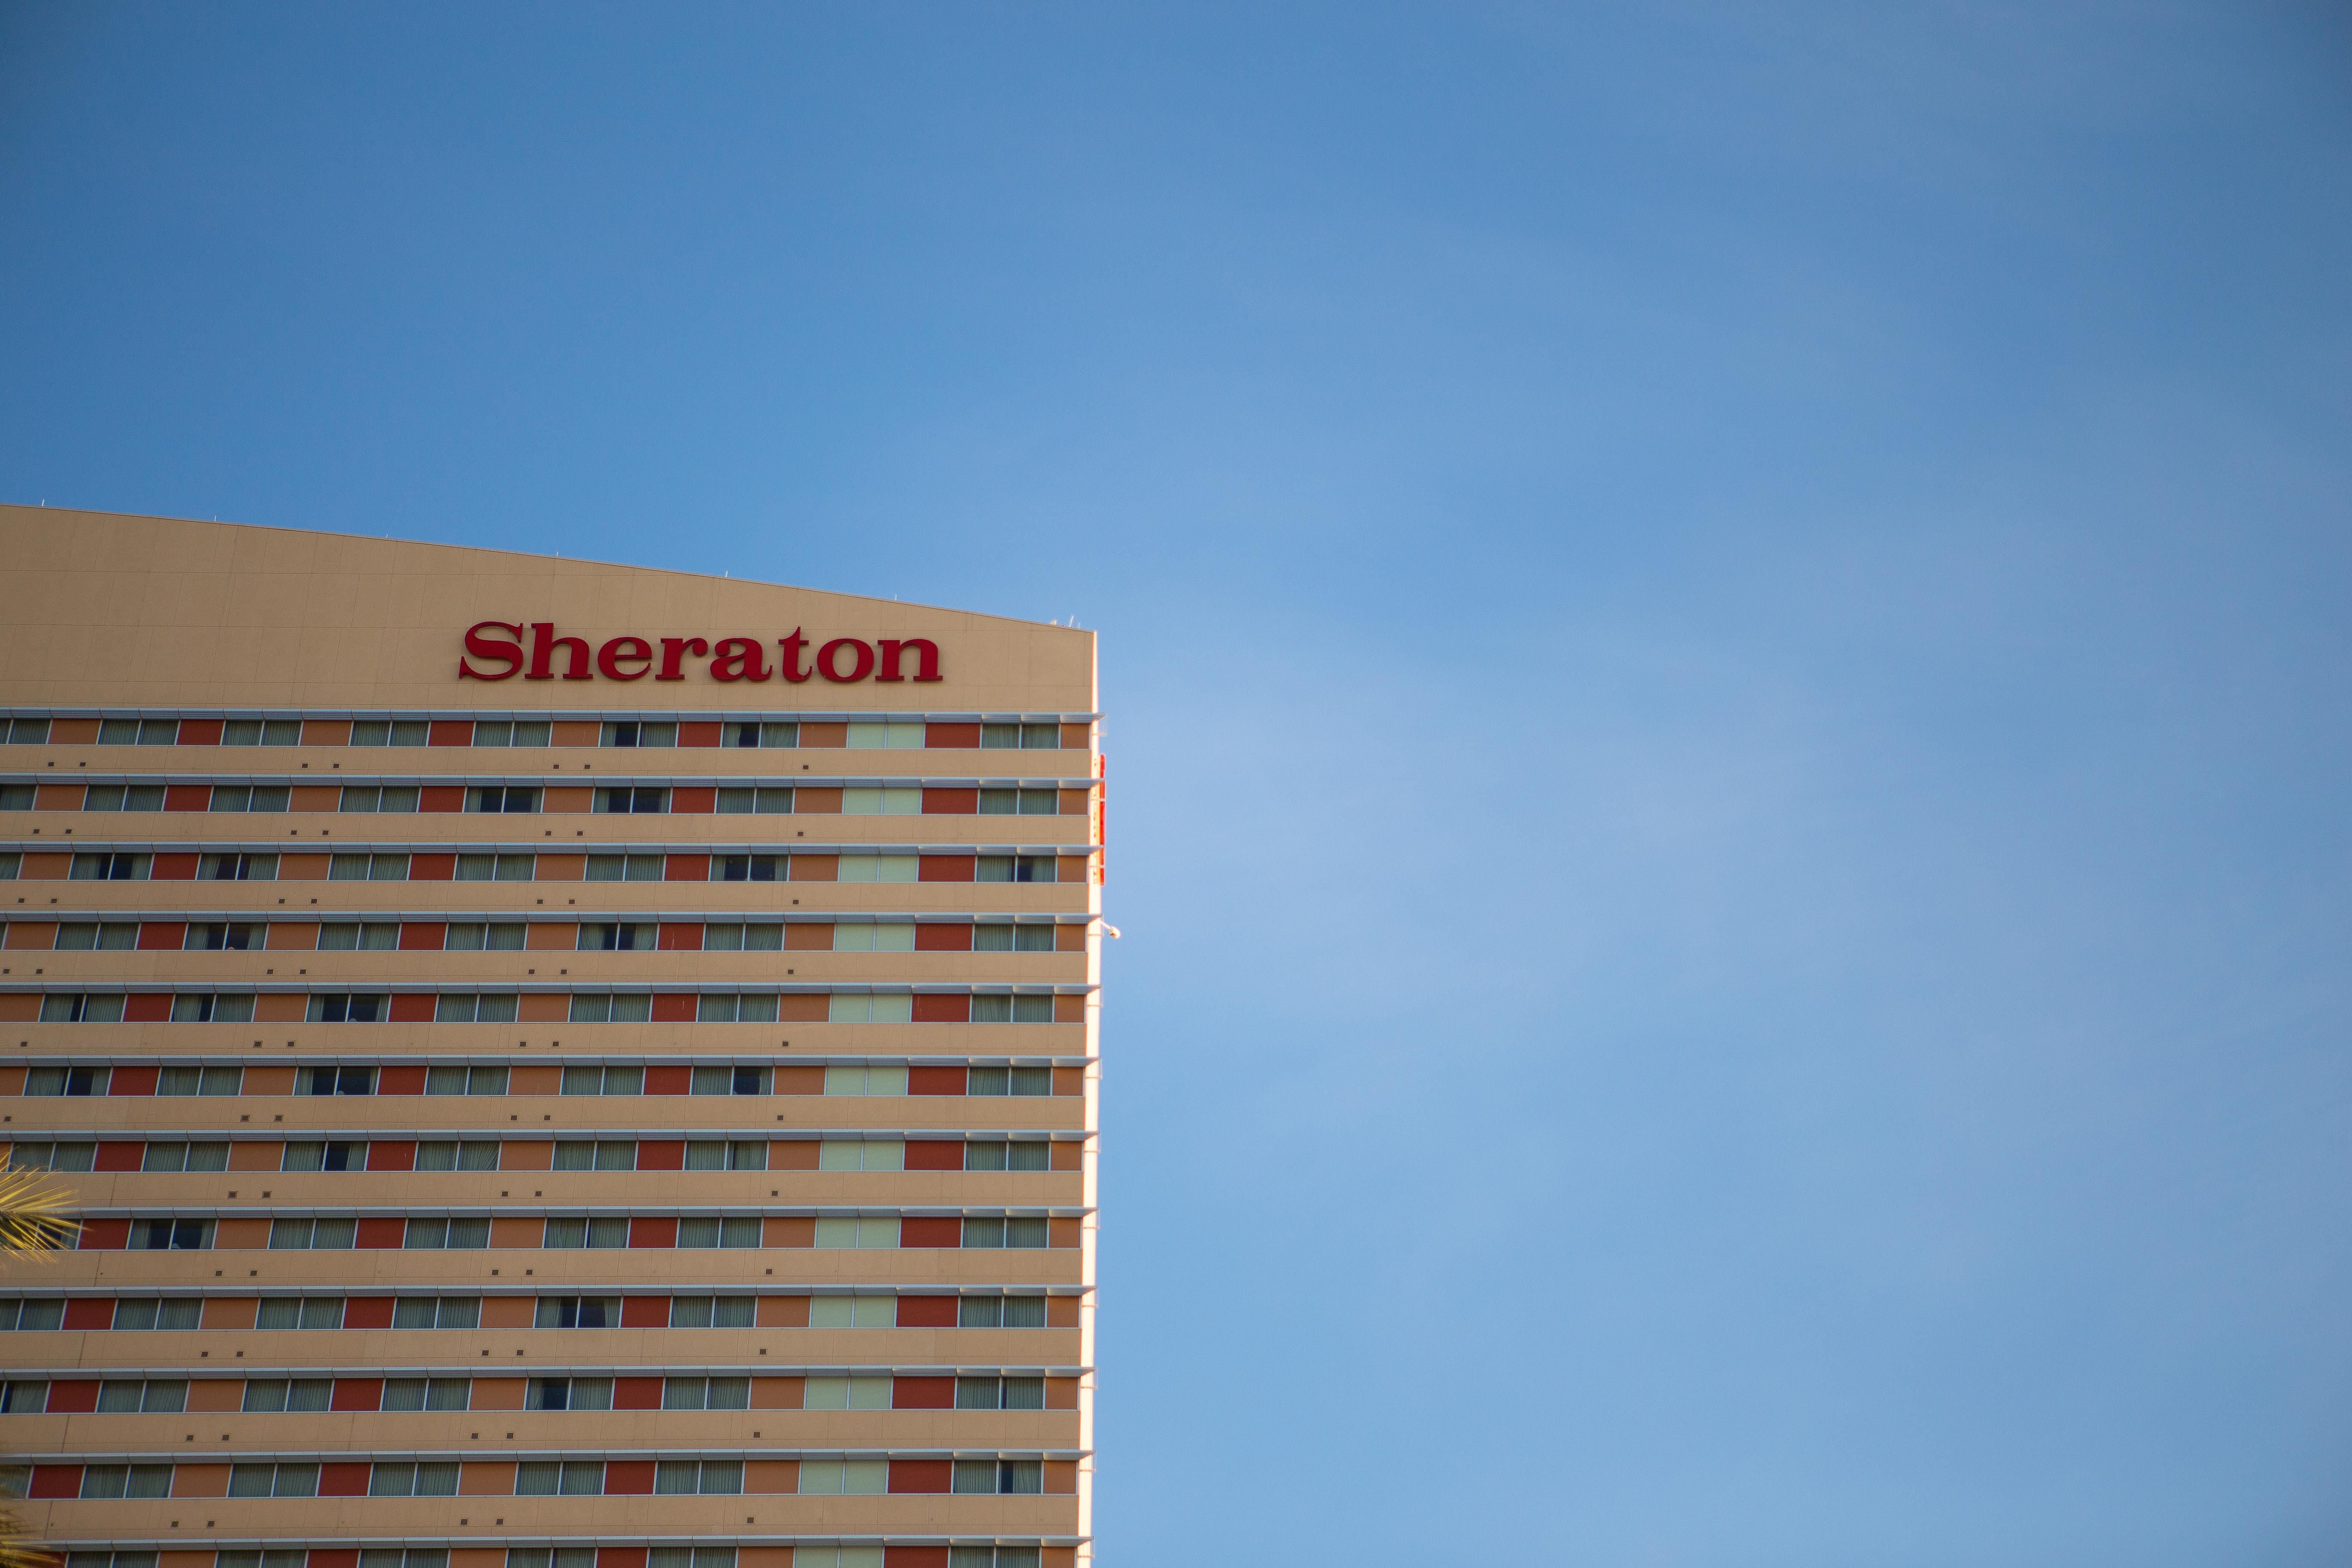 Feltörték a Starwood Hotels, a világ legnagyobb szállodaláncának adatbázisát, 300 millió vendég adataihoz férhettek hozzá